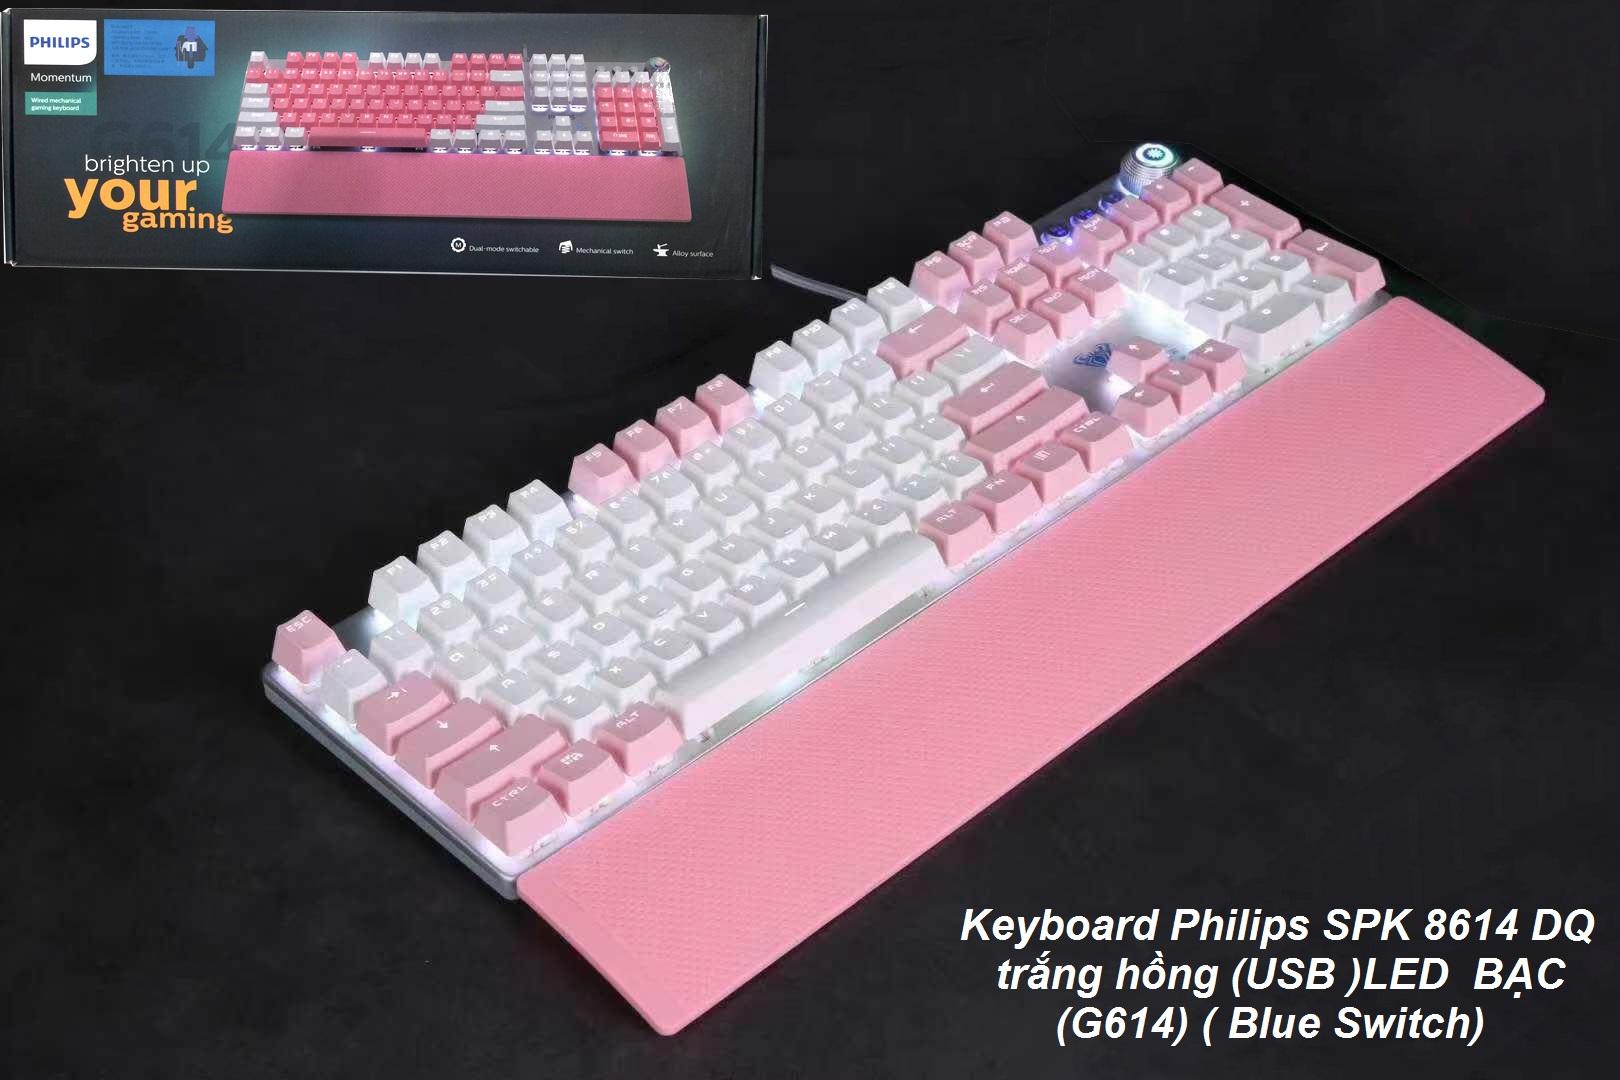 Bàn Phím vi tính Philips SPK 8614FQ có LED USB,bàn phím game thủ,phím cơ giá rẻ-hàng chính hãng